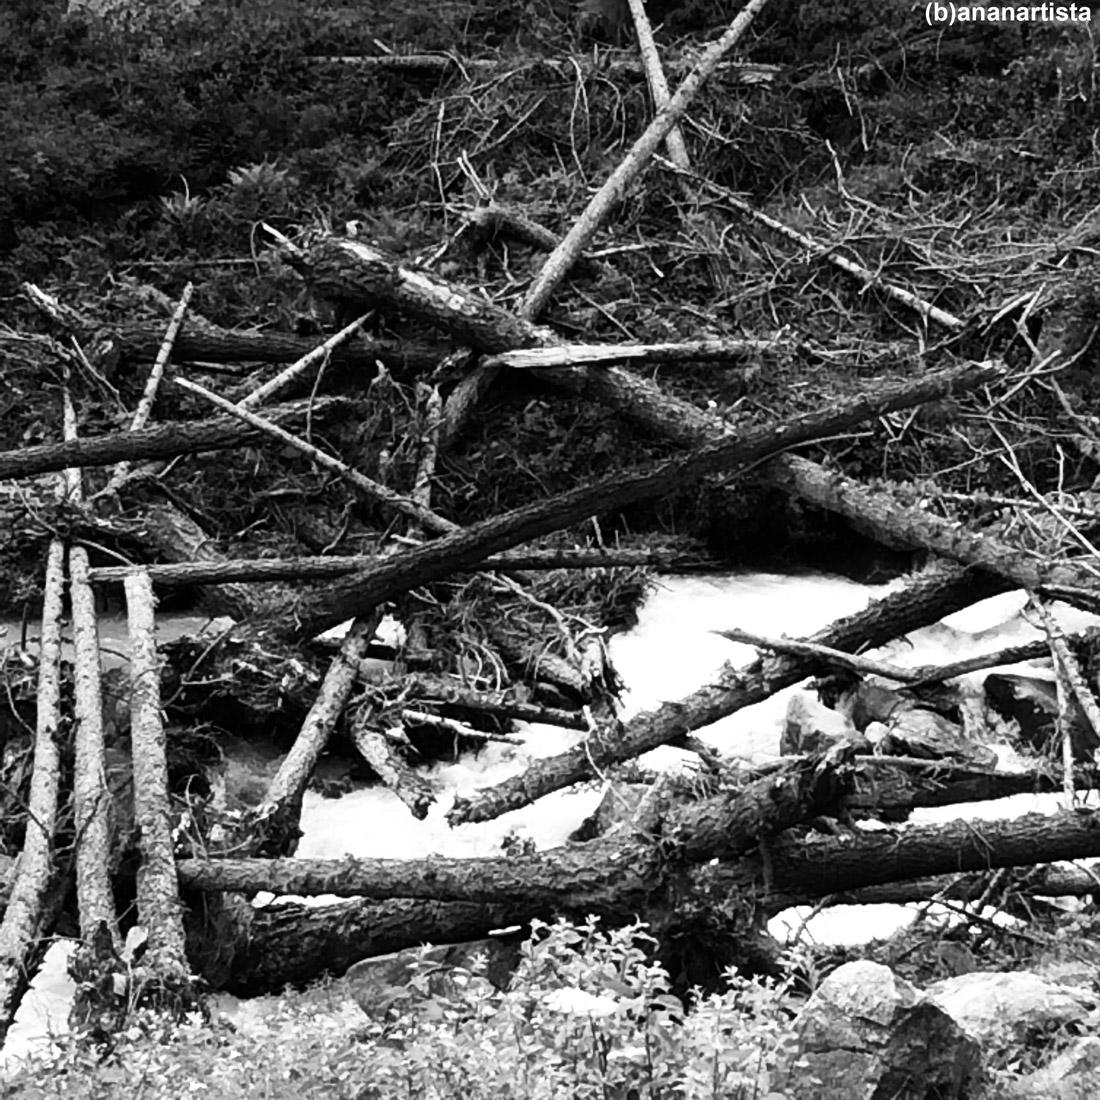 tronchi spezzati con poesia: fotografia di (b)ananartista sbuff